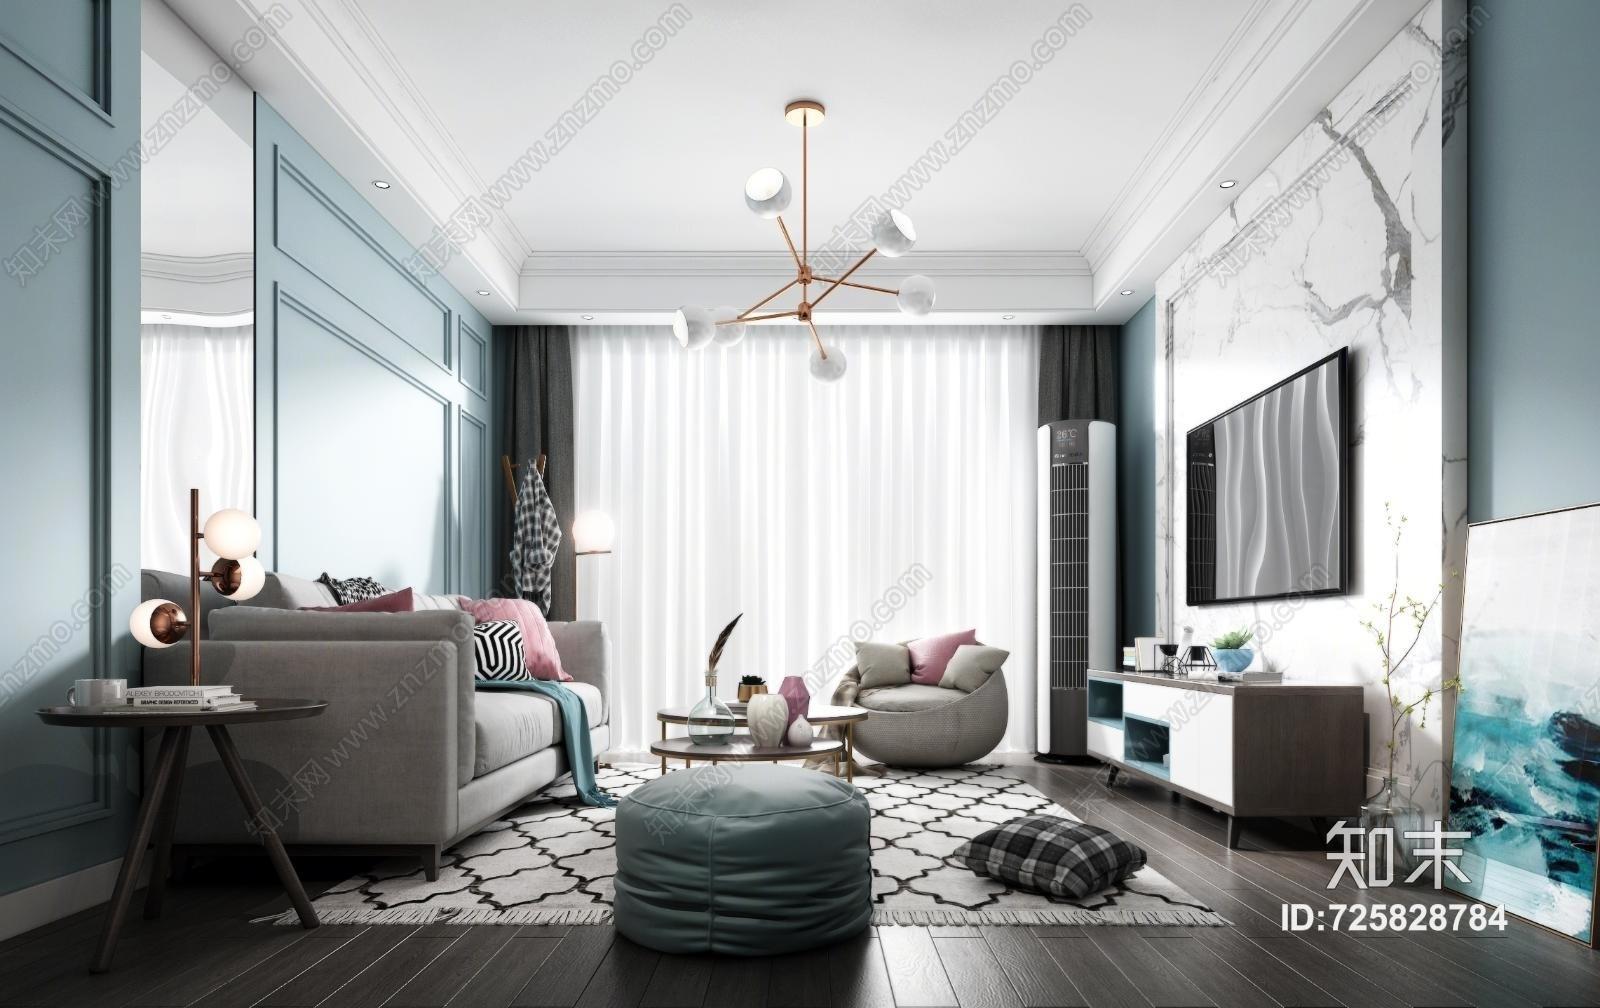 北欧客厅 沙发 地毯 吊灯 台灯 电视柜 装饰柜 装饰品 挂画 抱枕